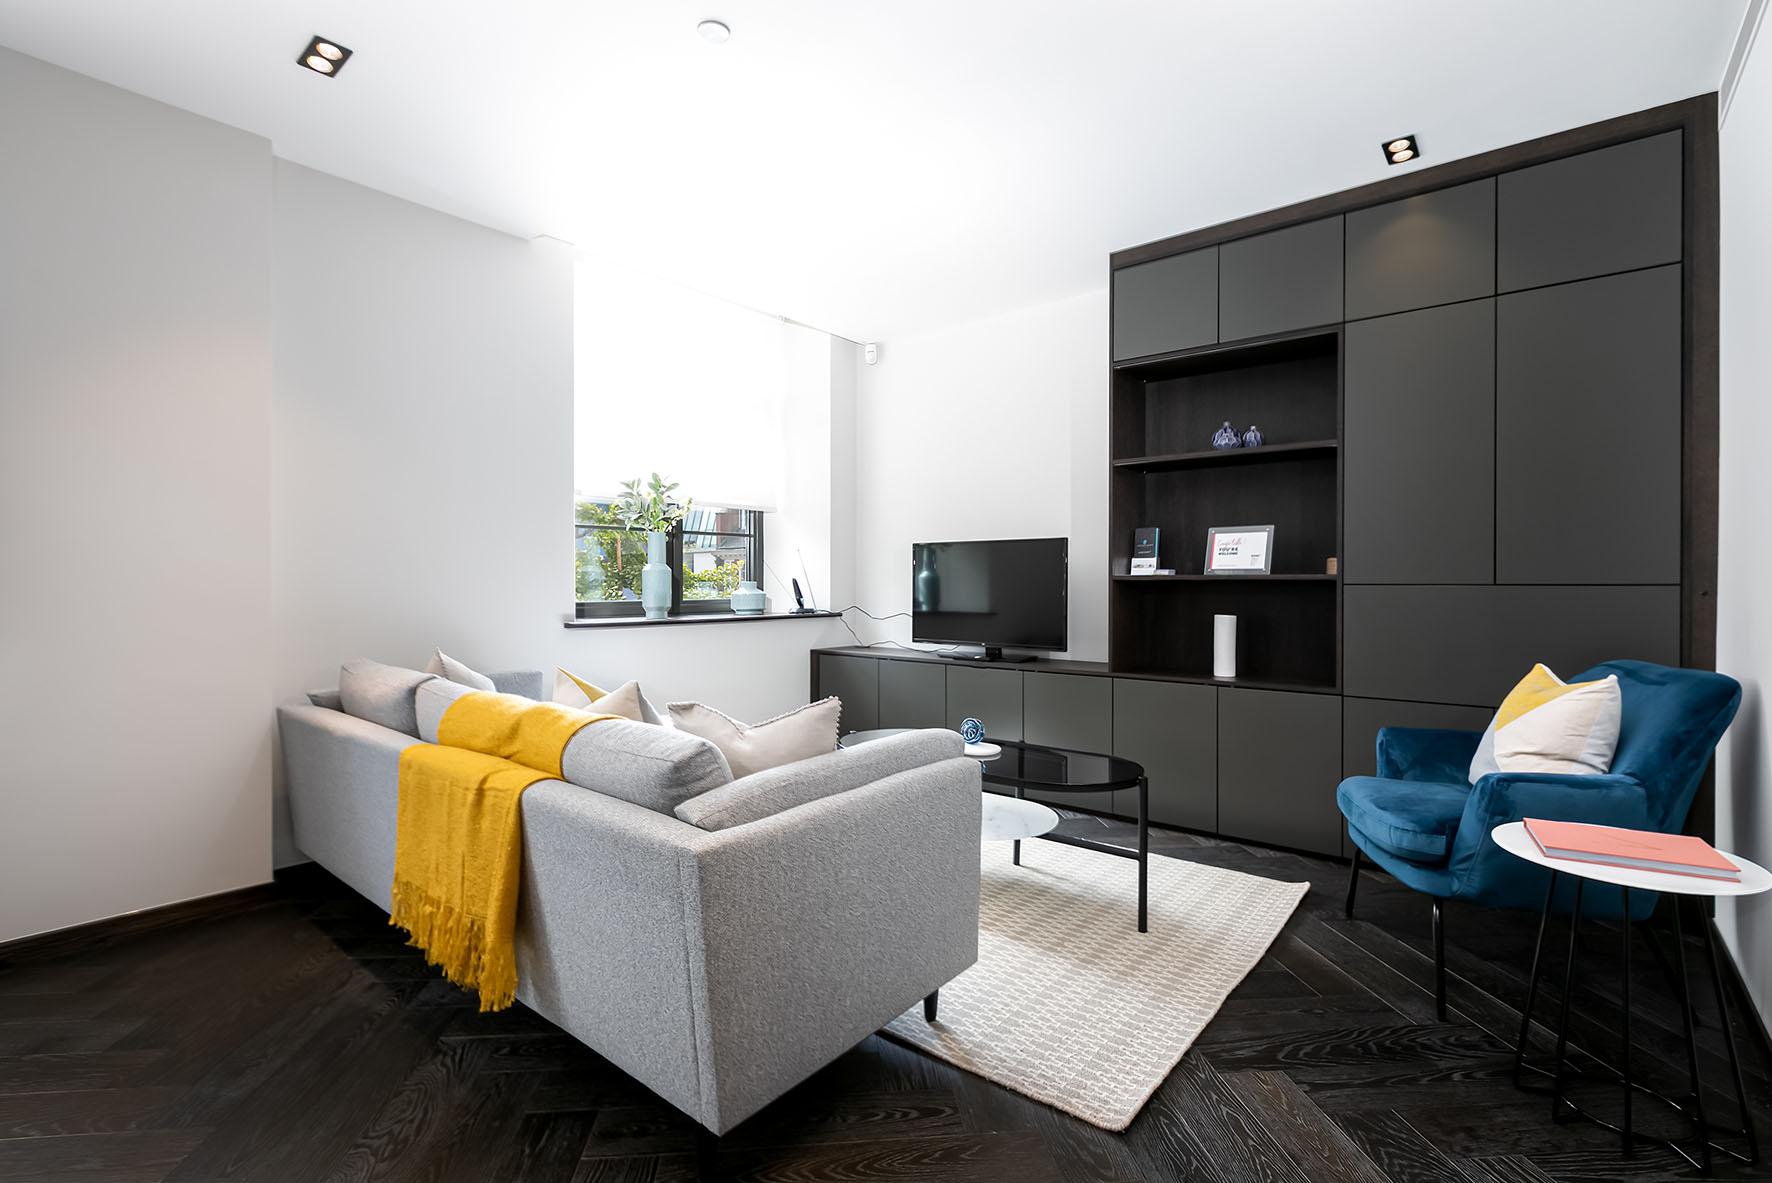 Lovelydays luxury service apartment rental - London - Soho - Oxford Street V - Lovelysuite - 1 bedrooms - 1 bathrooms - Luxury living room - e0177984123b - Lovelydays